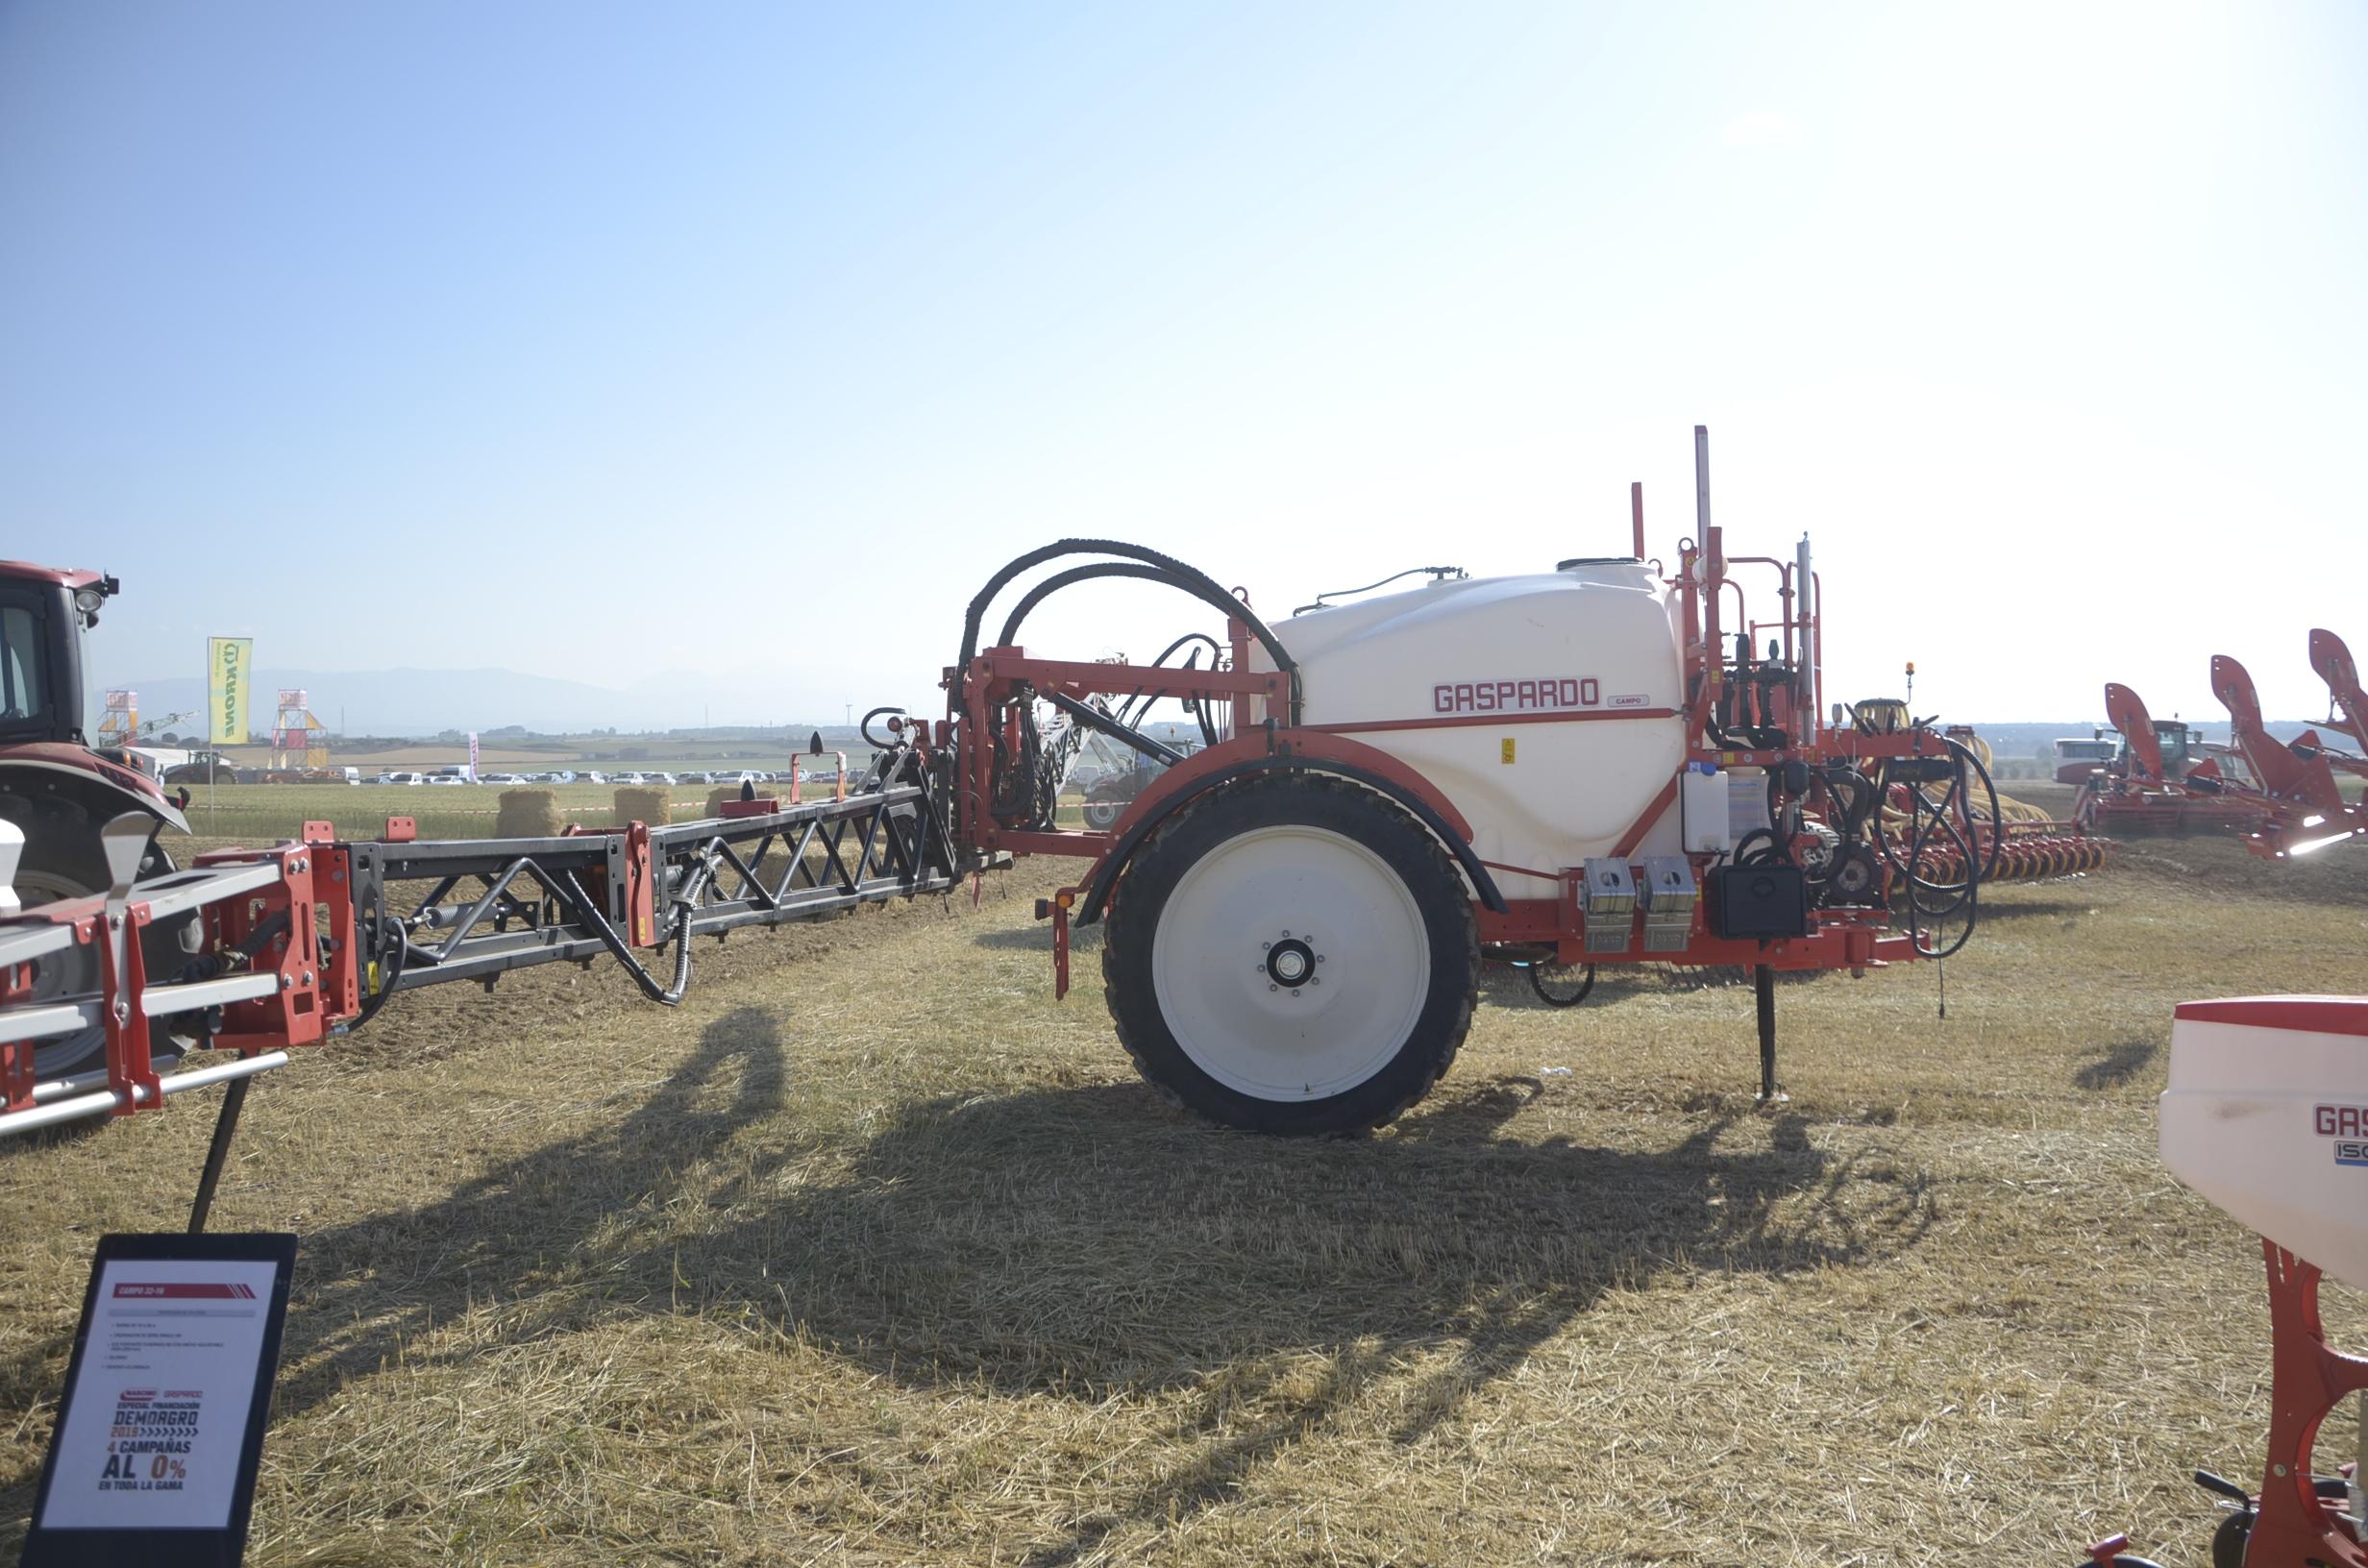 DSC7288